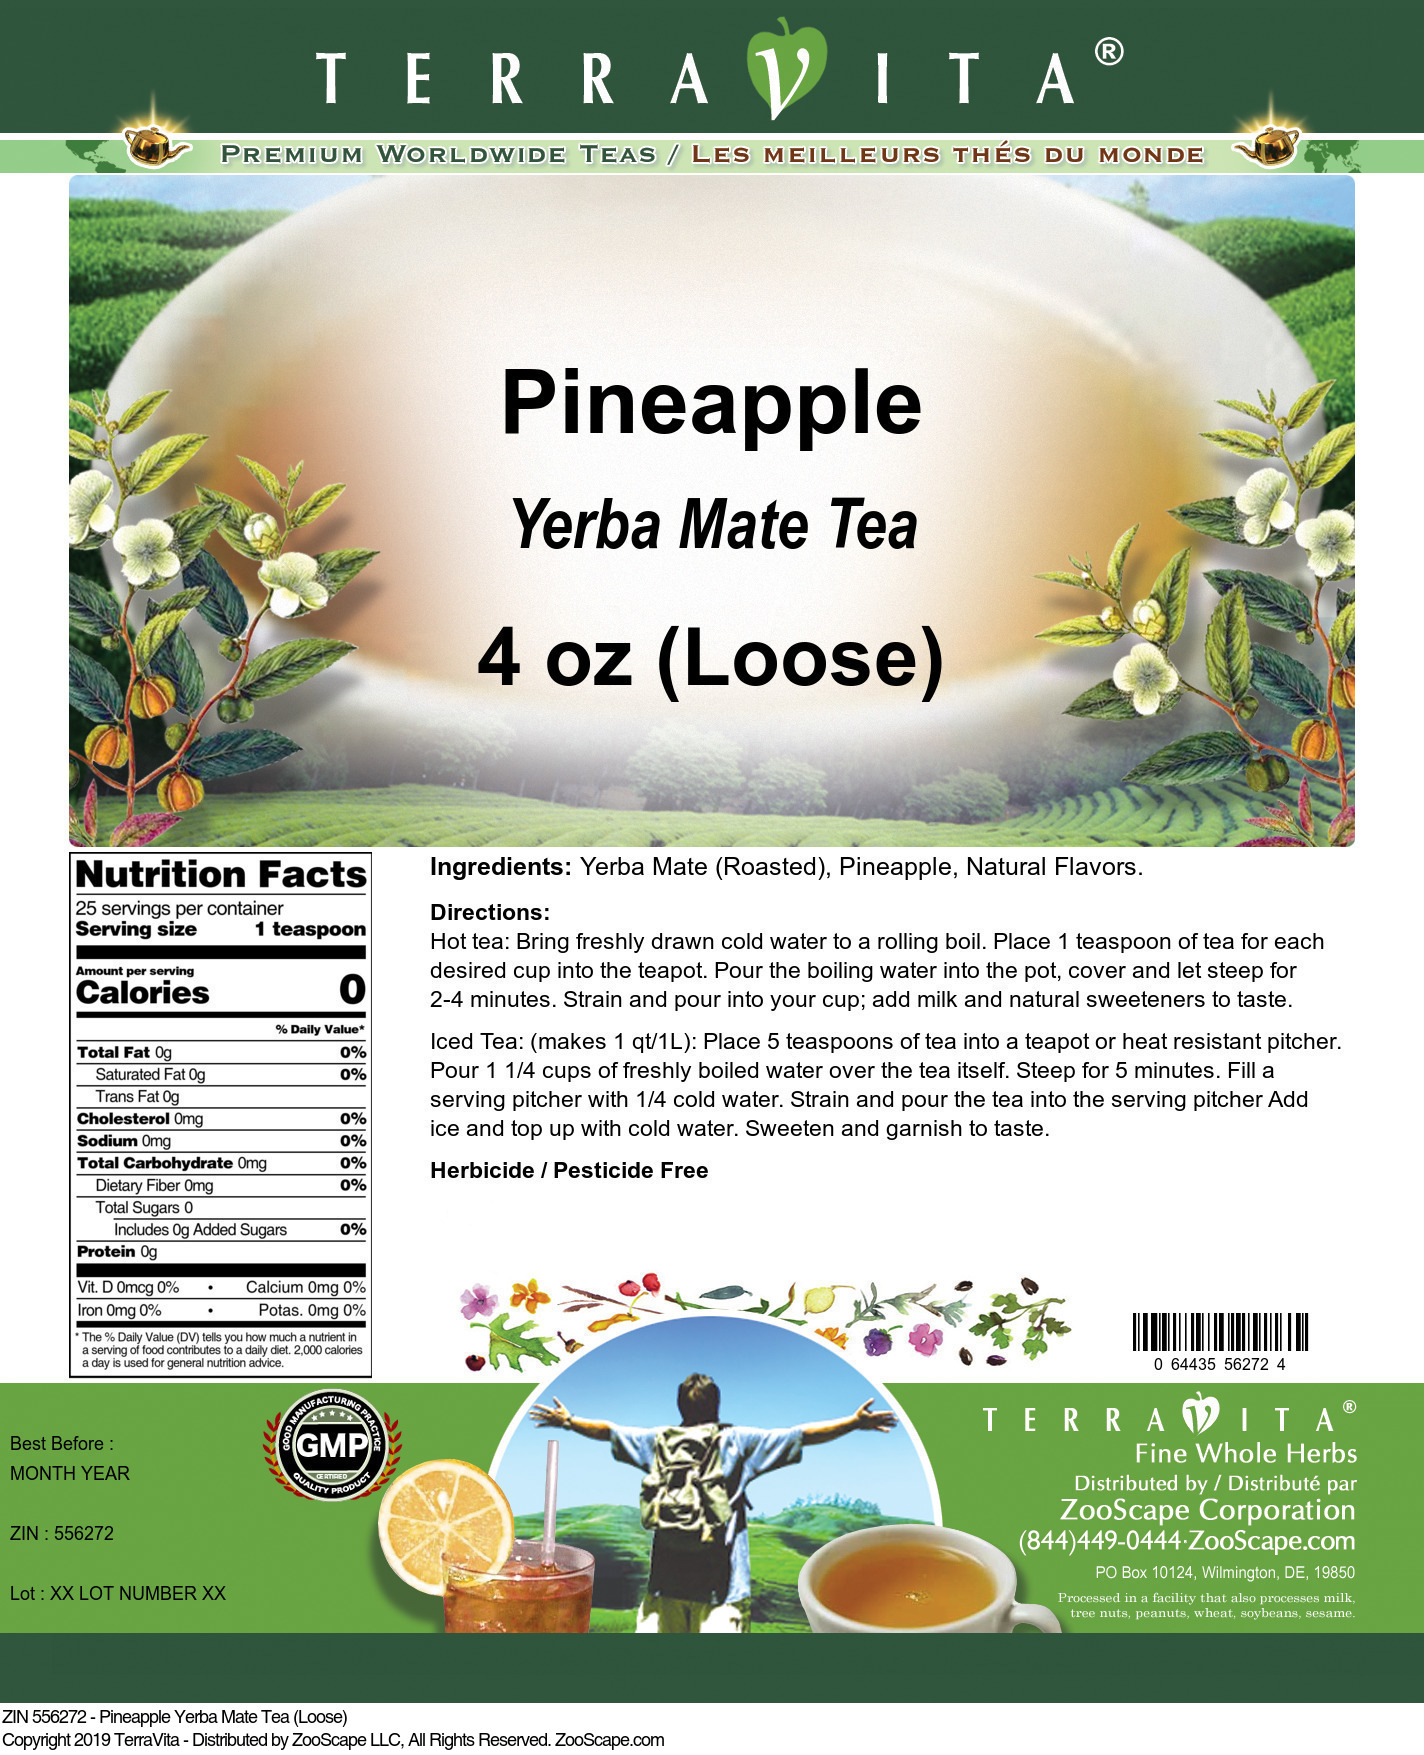 Pineapple Yerba Mate